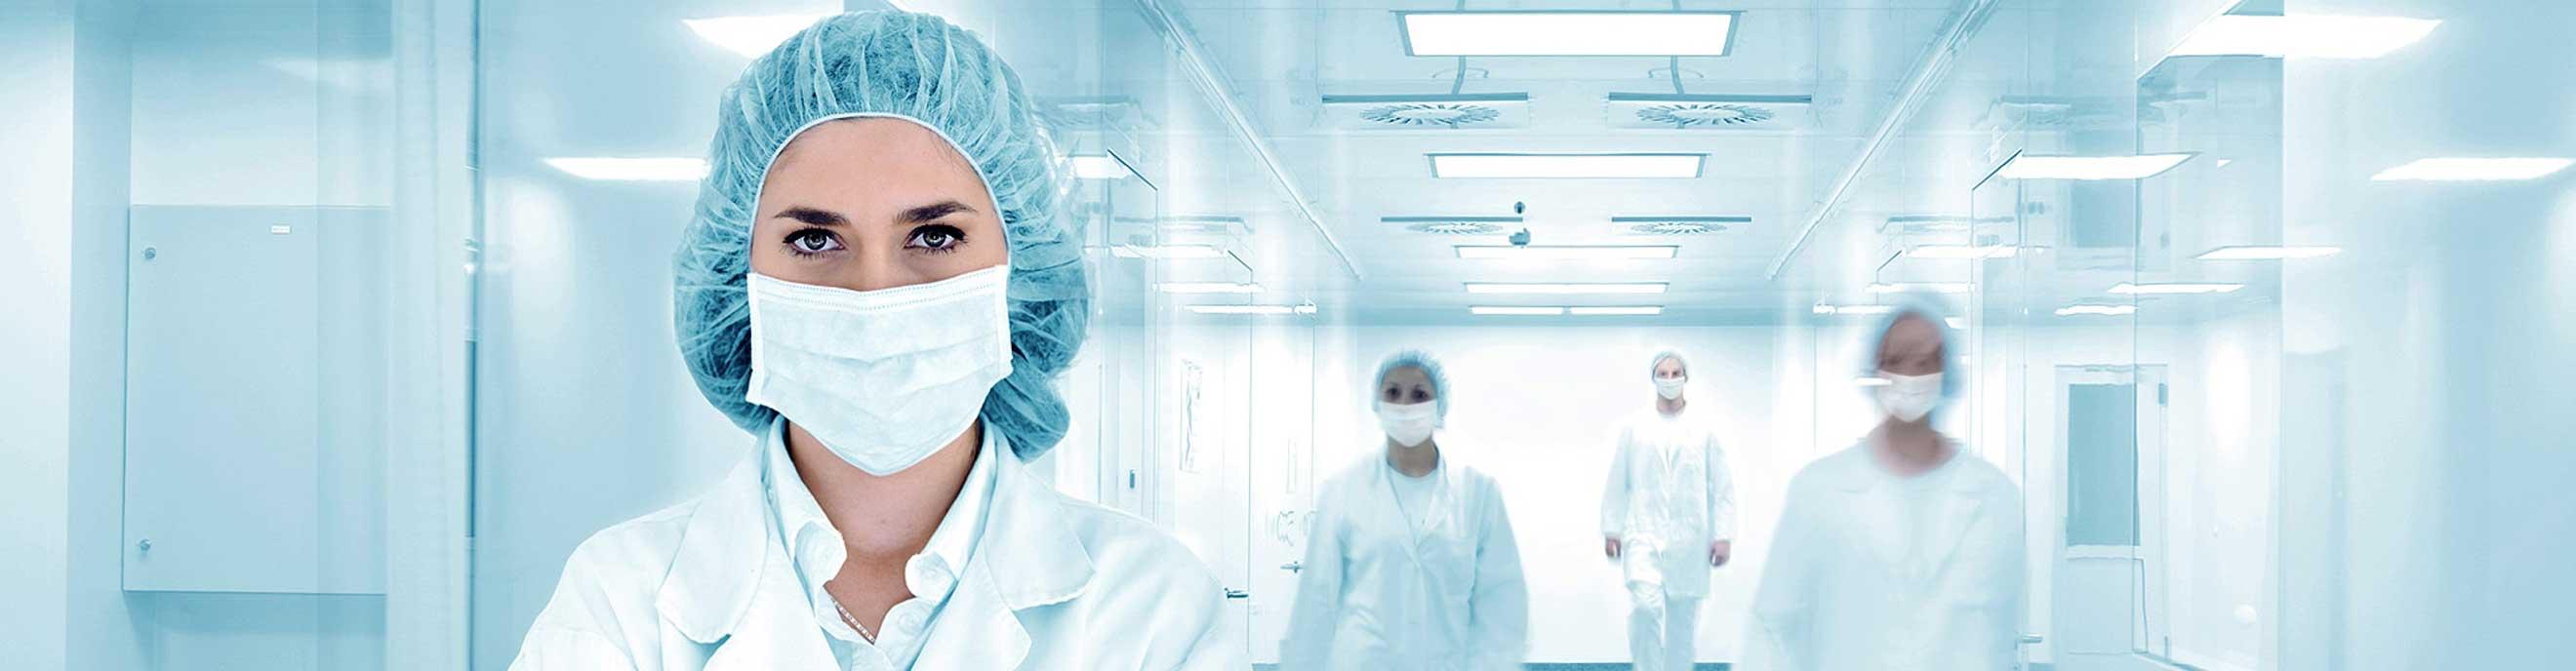 anelk-medical